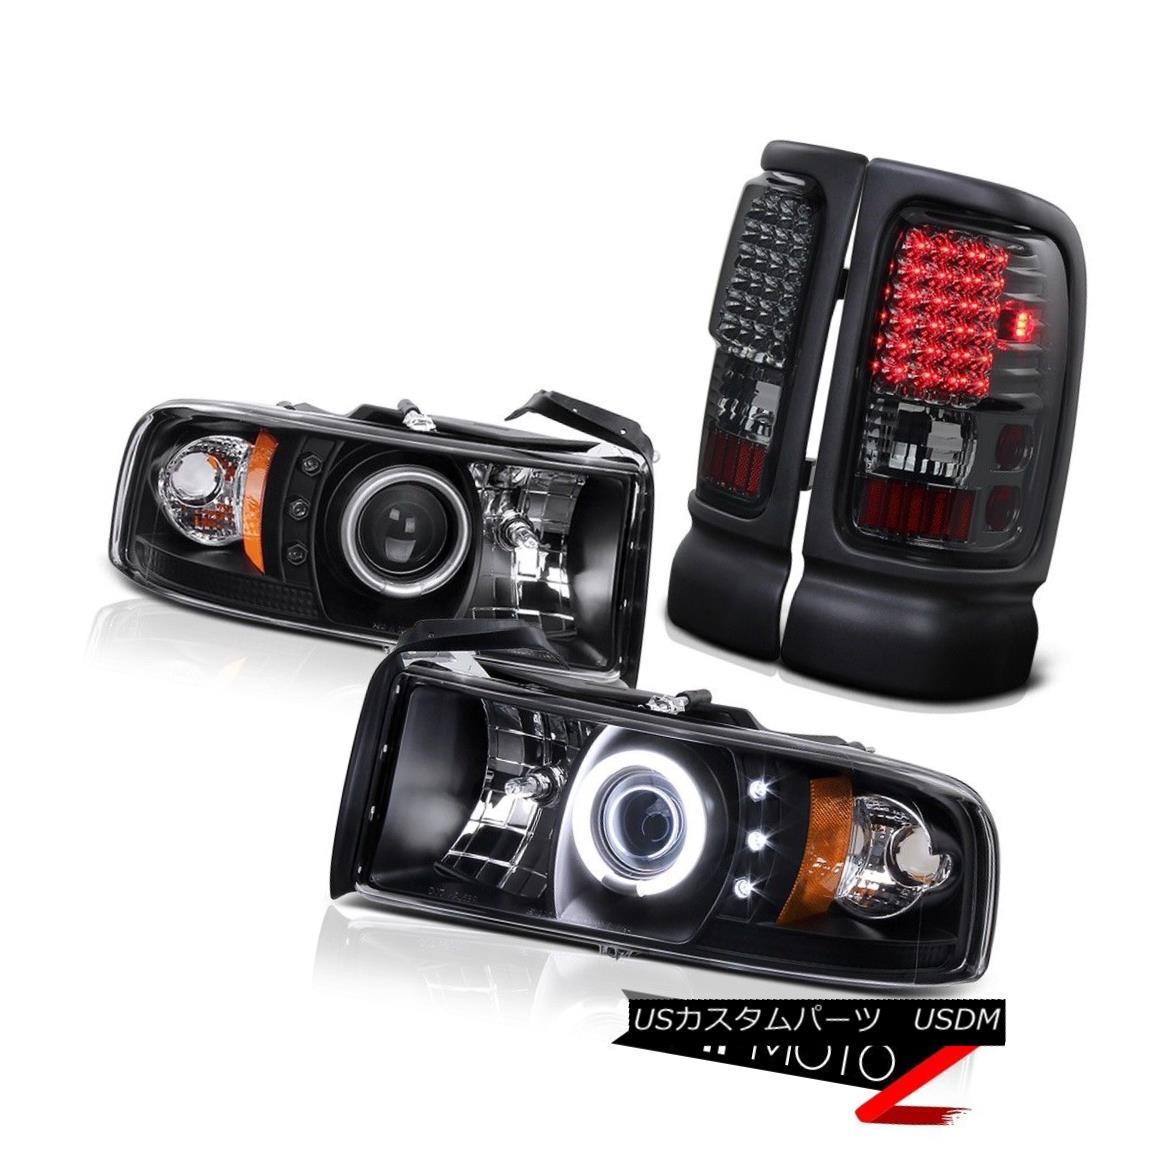 テールライト 94-01 RAM 1500 CCFL Angel Eye Halo Projector Headlight+Smoke Led Tail Light Lamp 94-01 RAM 1500 CCFLエンジェルアイハロープロジェクターヘッドライト+スモーク LEDテールライトランプ